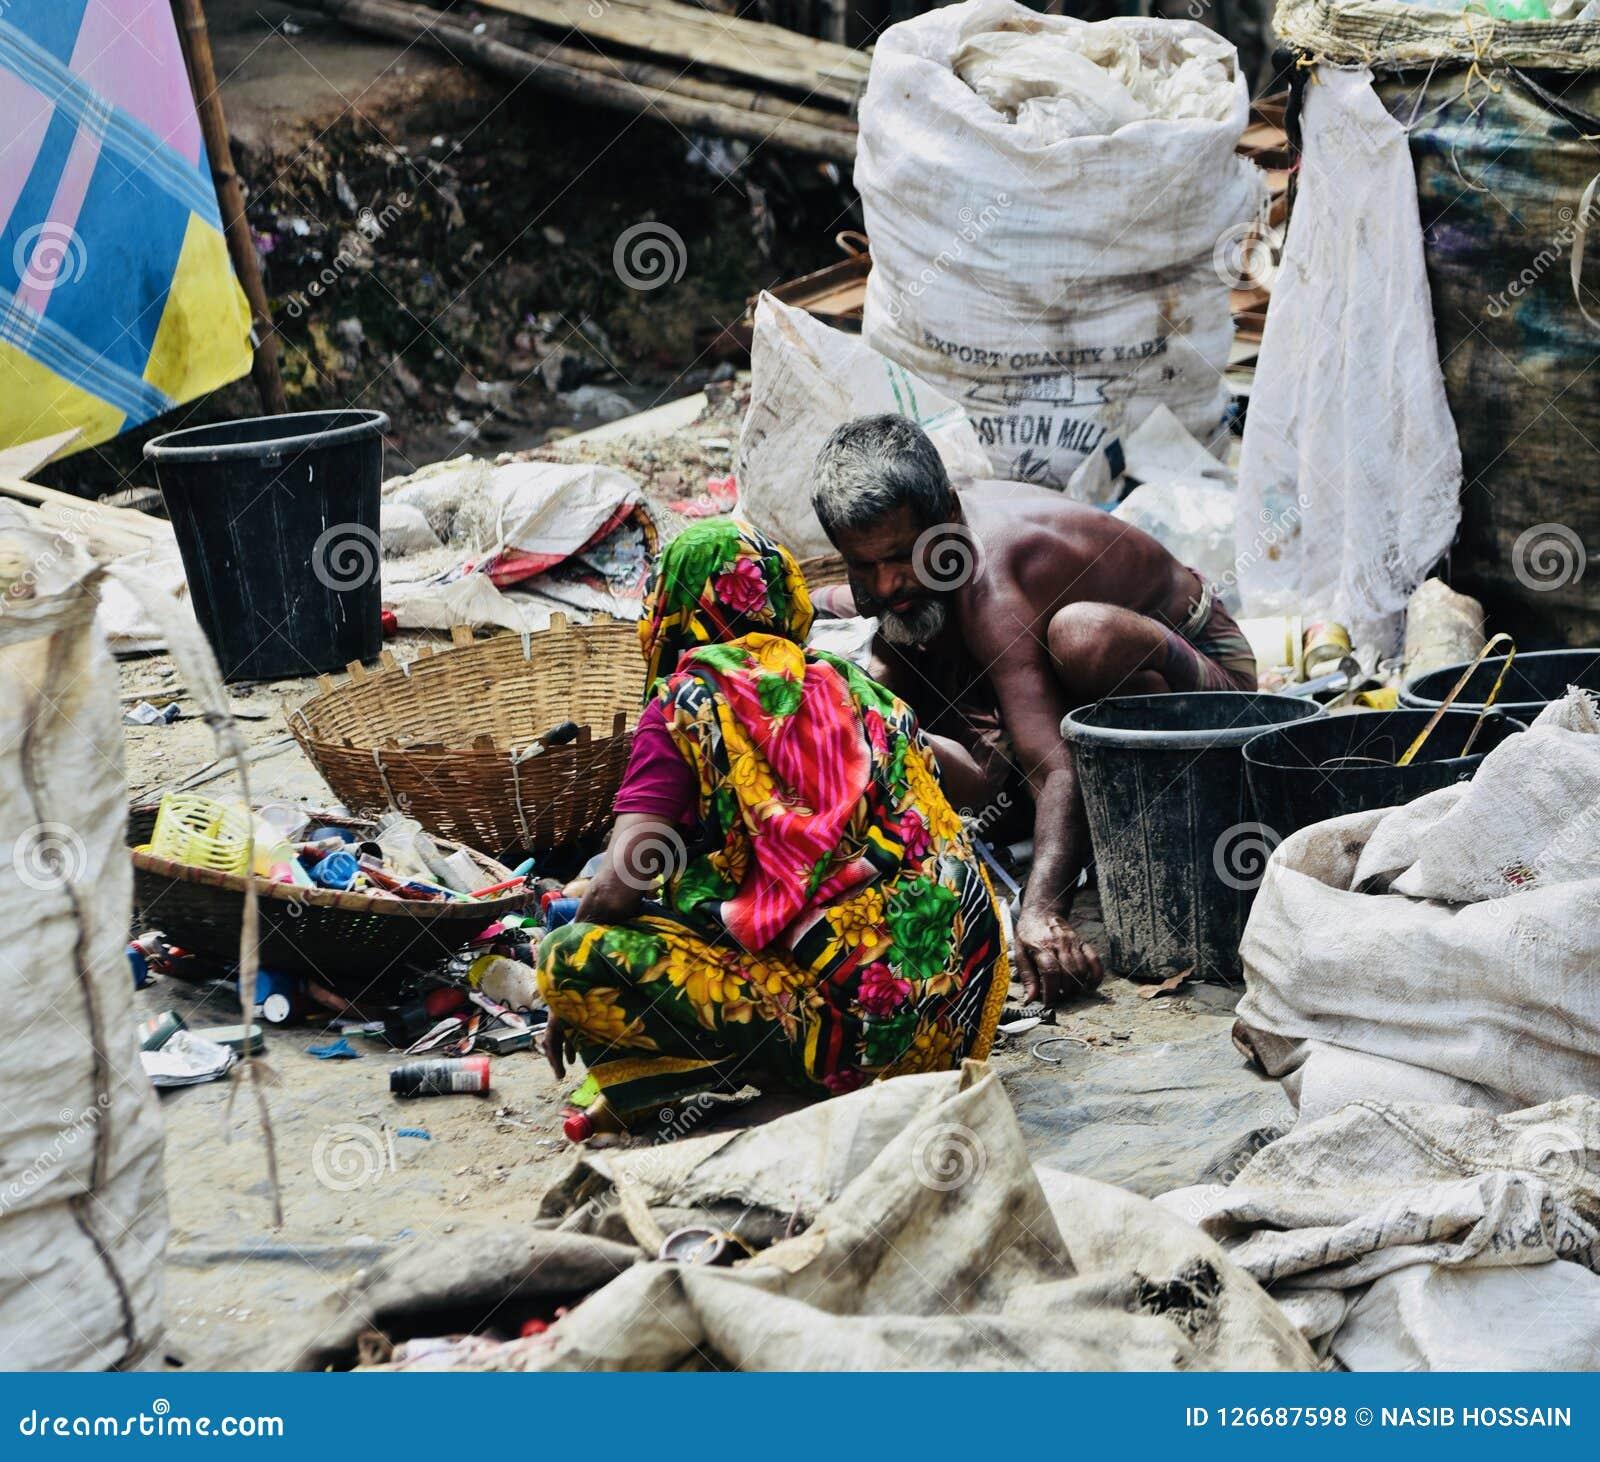 Två arbetare arbetar runt om ett ställe i Bangladesh det unika fotoet